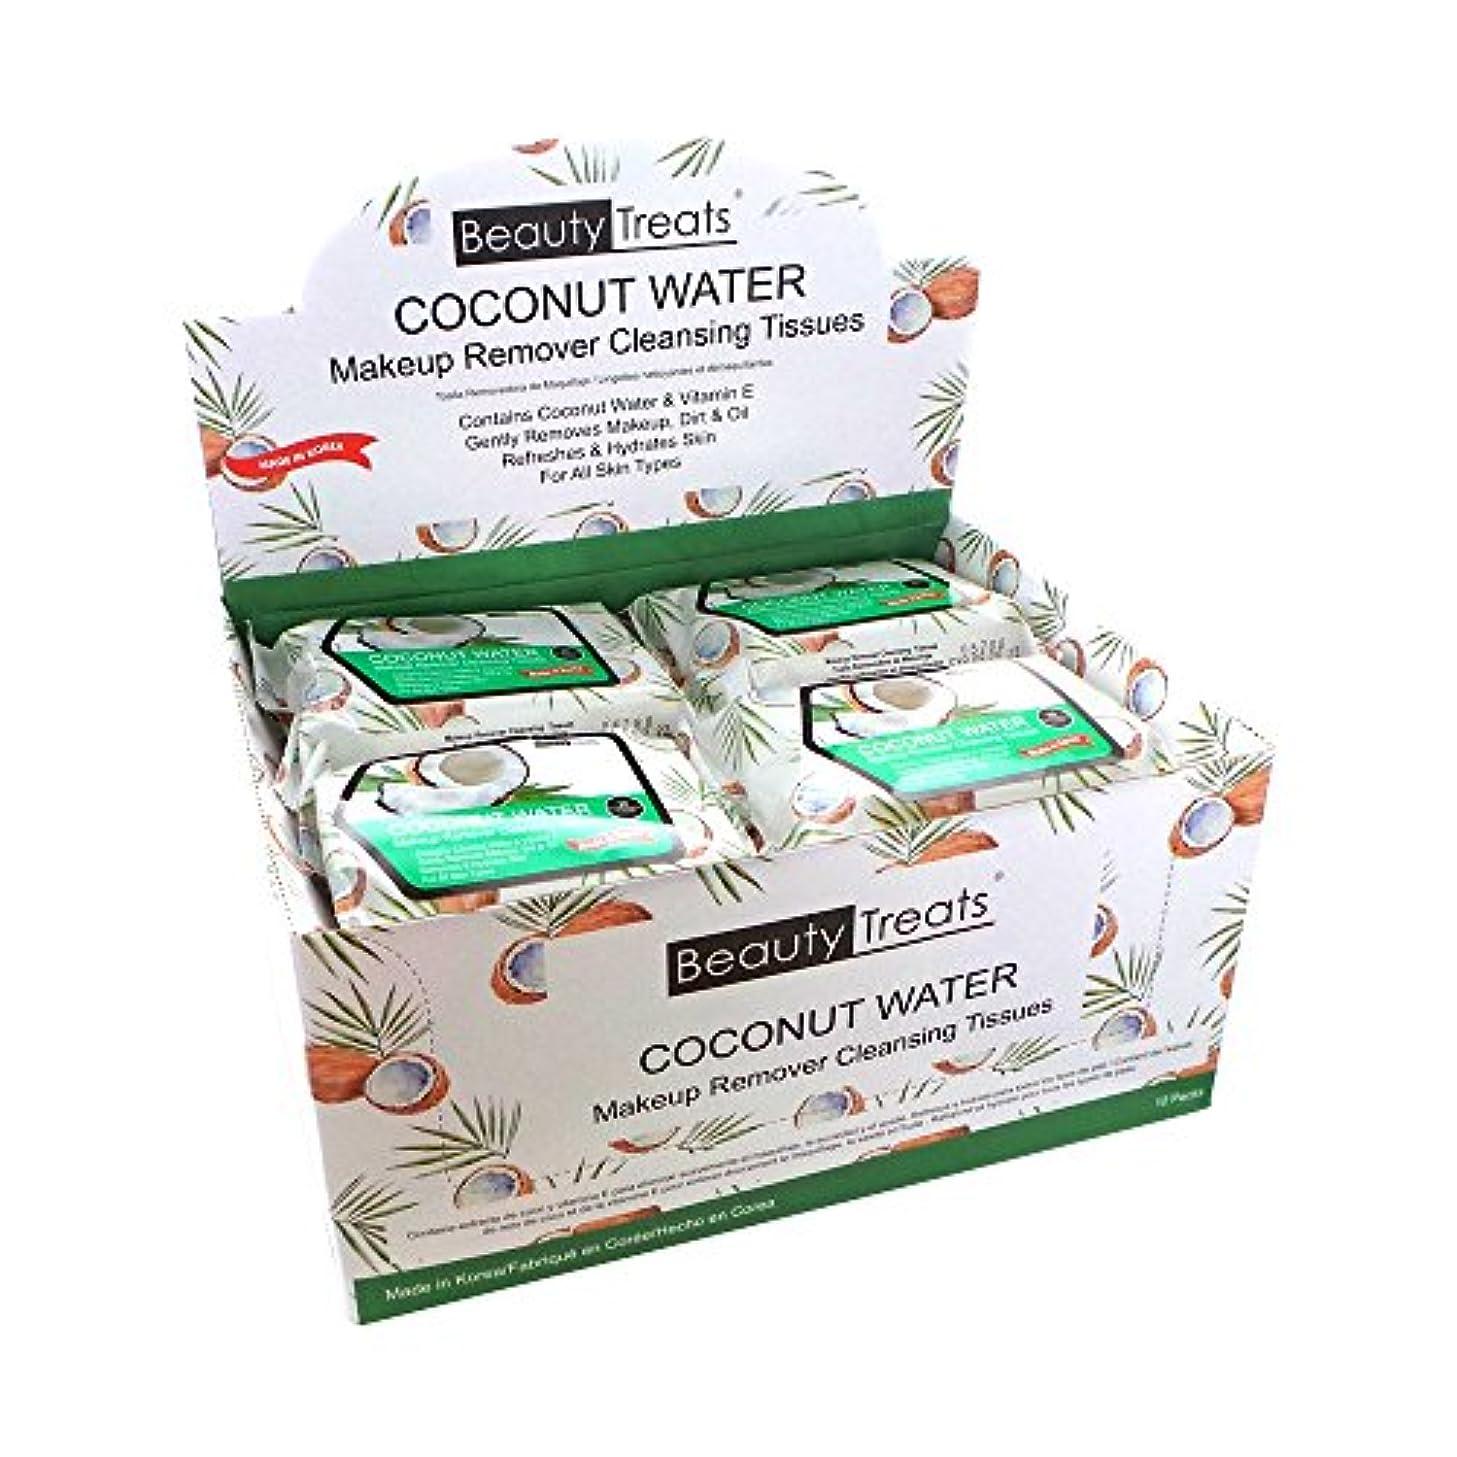 押すおとこ自宅でBEAUTY TREATS Coconut Water Makeup Remover Cleaning Tissues Display Set, 12 Pieces (並行輸入品)